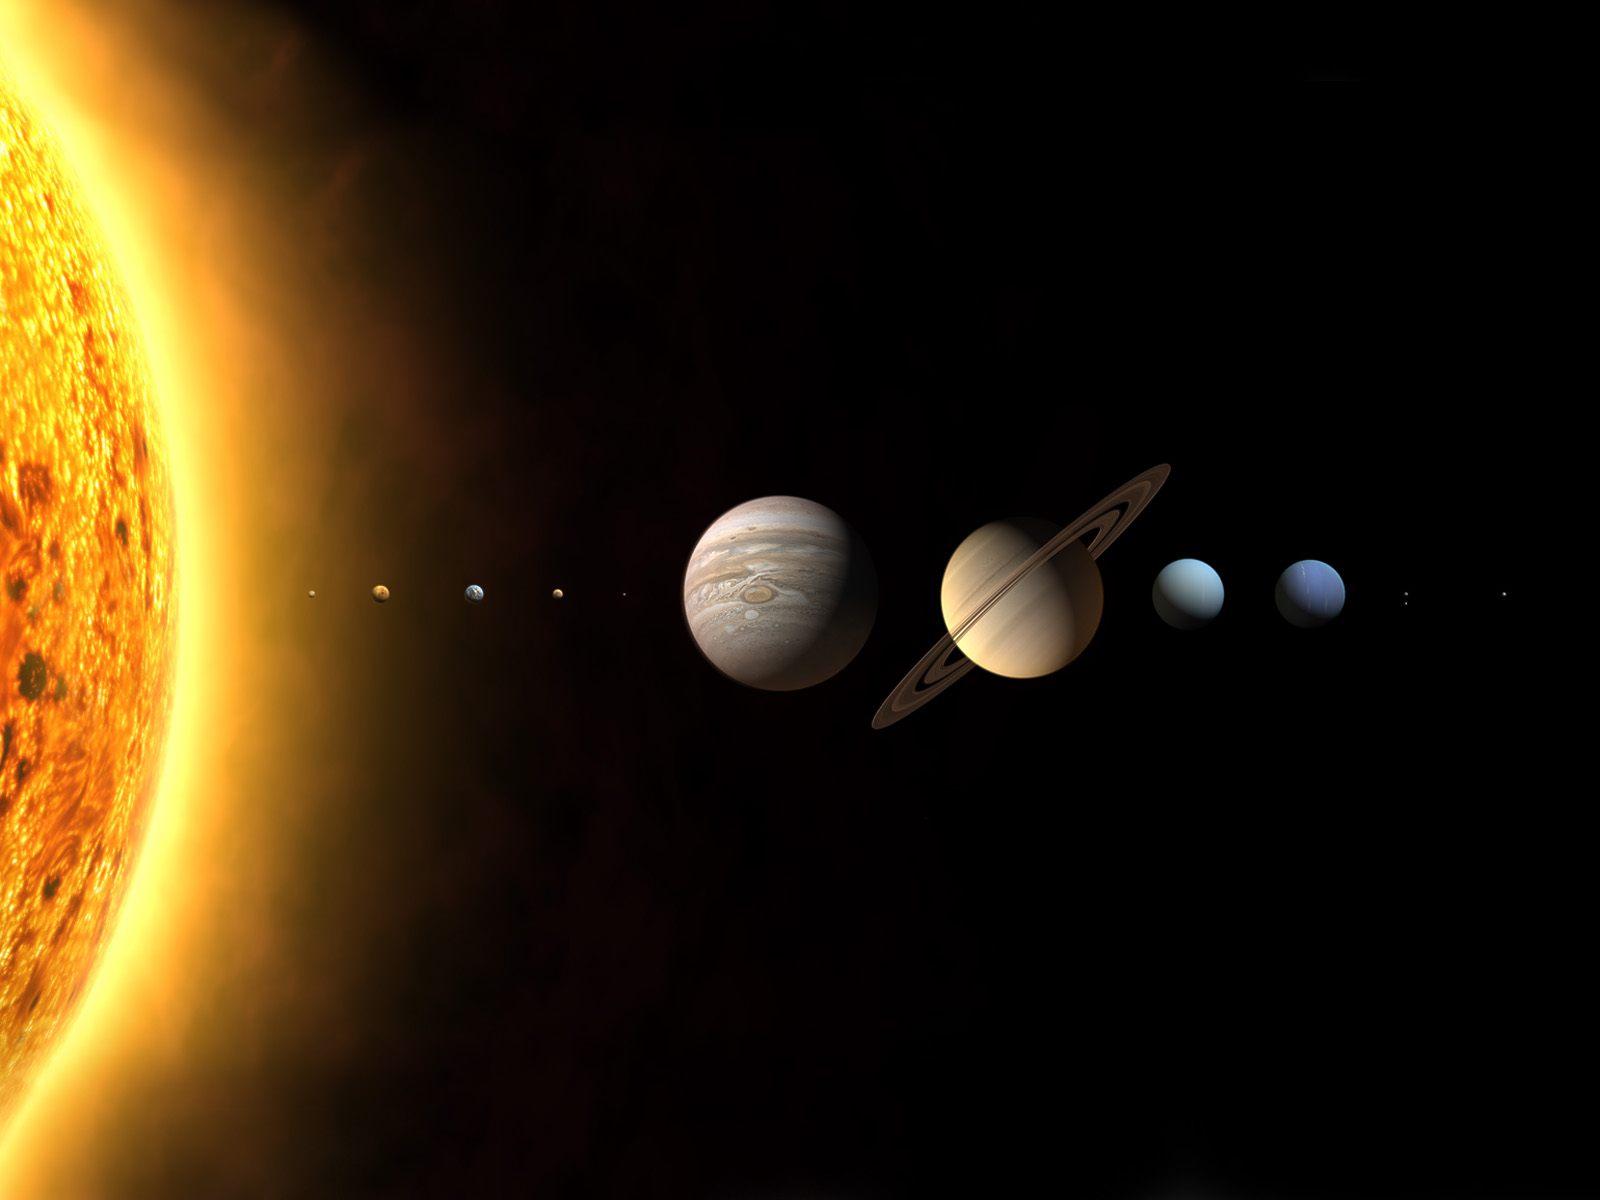 http://4.bp.blogspot.com/_r2KRYVU5seE/THDnCccIeYI/AAAAAAAAABg/ePbI1fTun8M/s1600/Planets%20In%20The%20Galaxy.jpg